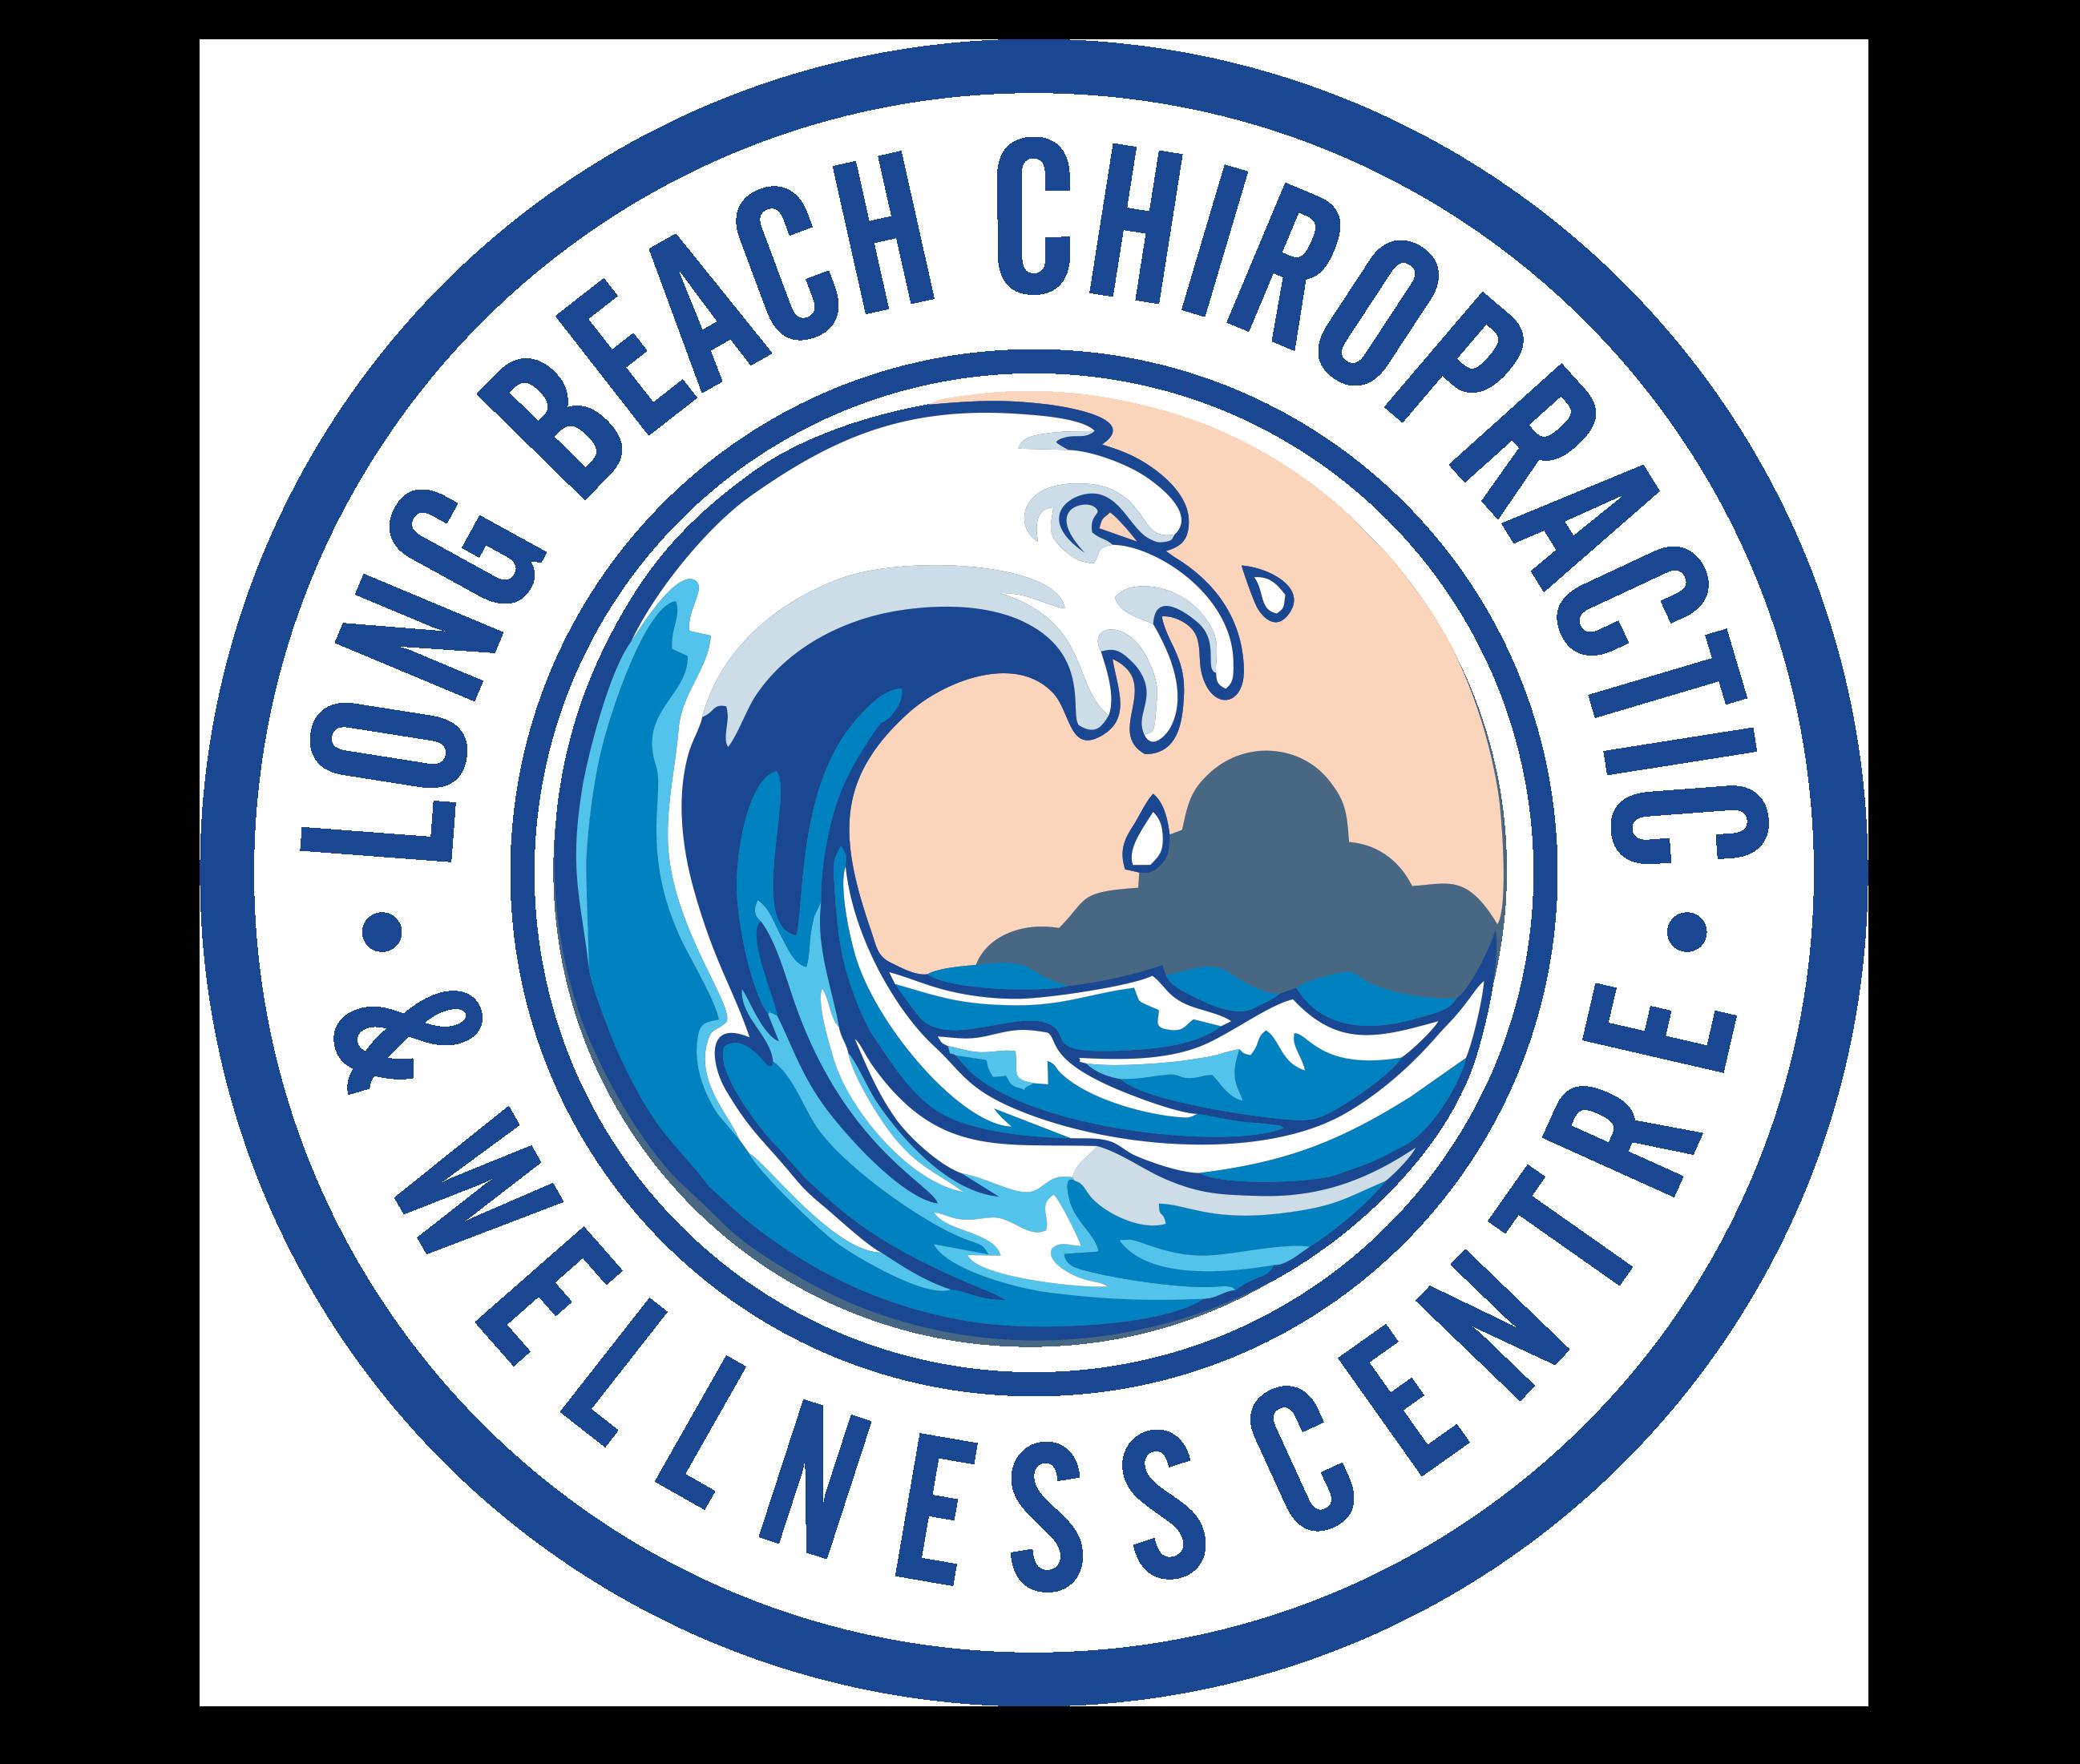 Longbeach Chiropractic & Wellness